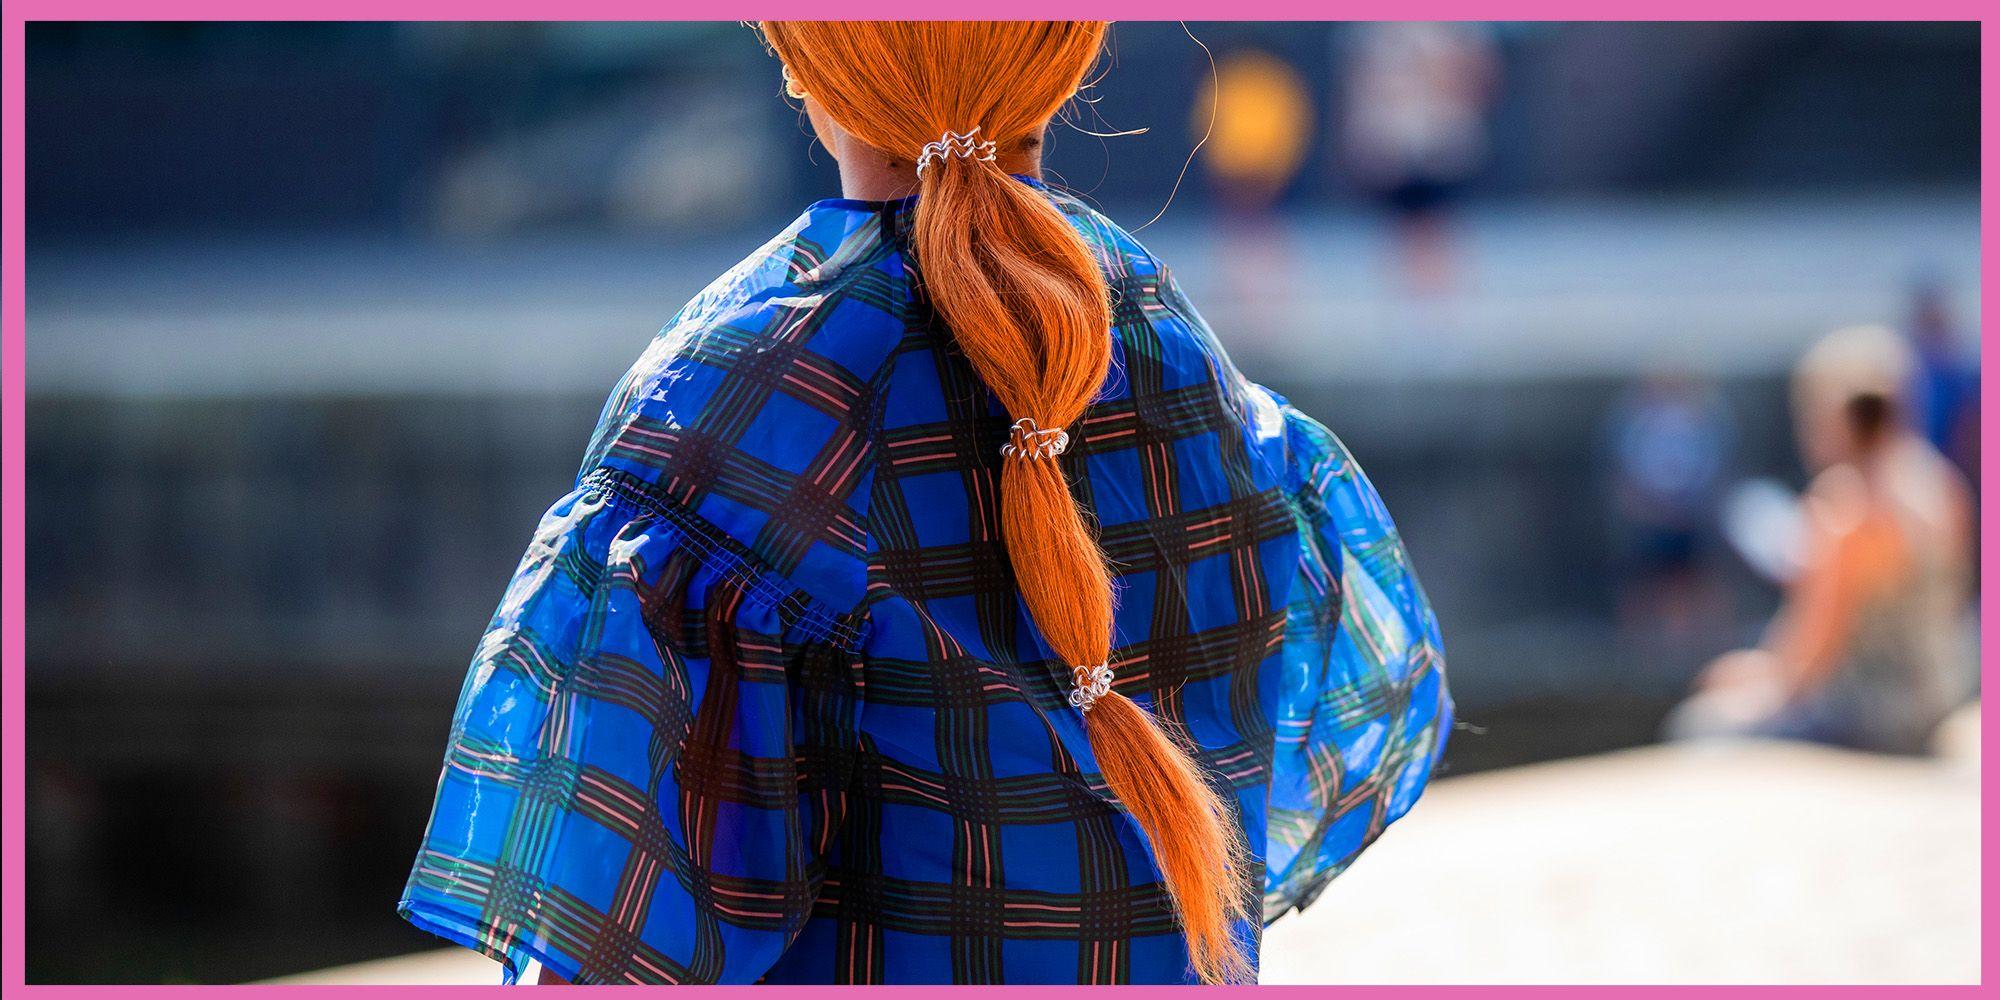 Colore capelli autunno 2019, il rosso rame è la tendenza versatile che prende spunto dallo street style